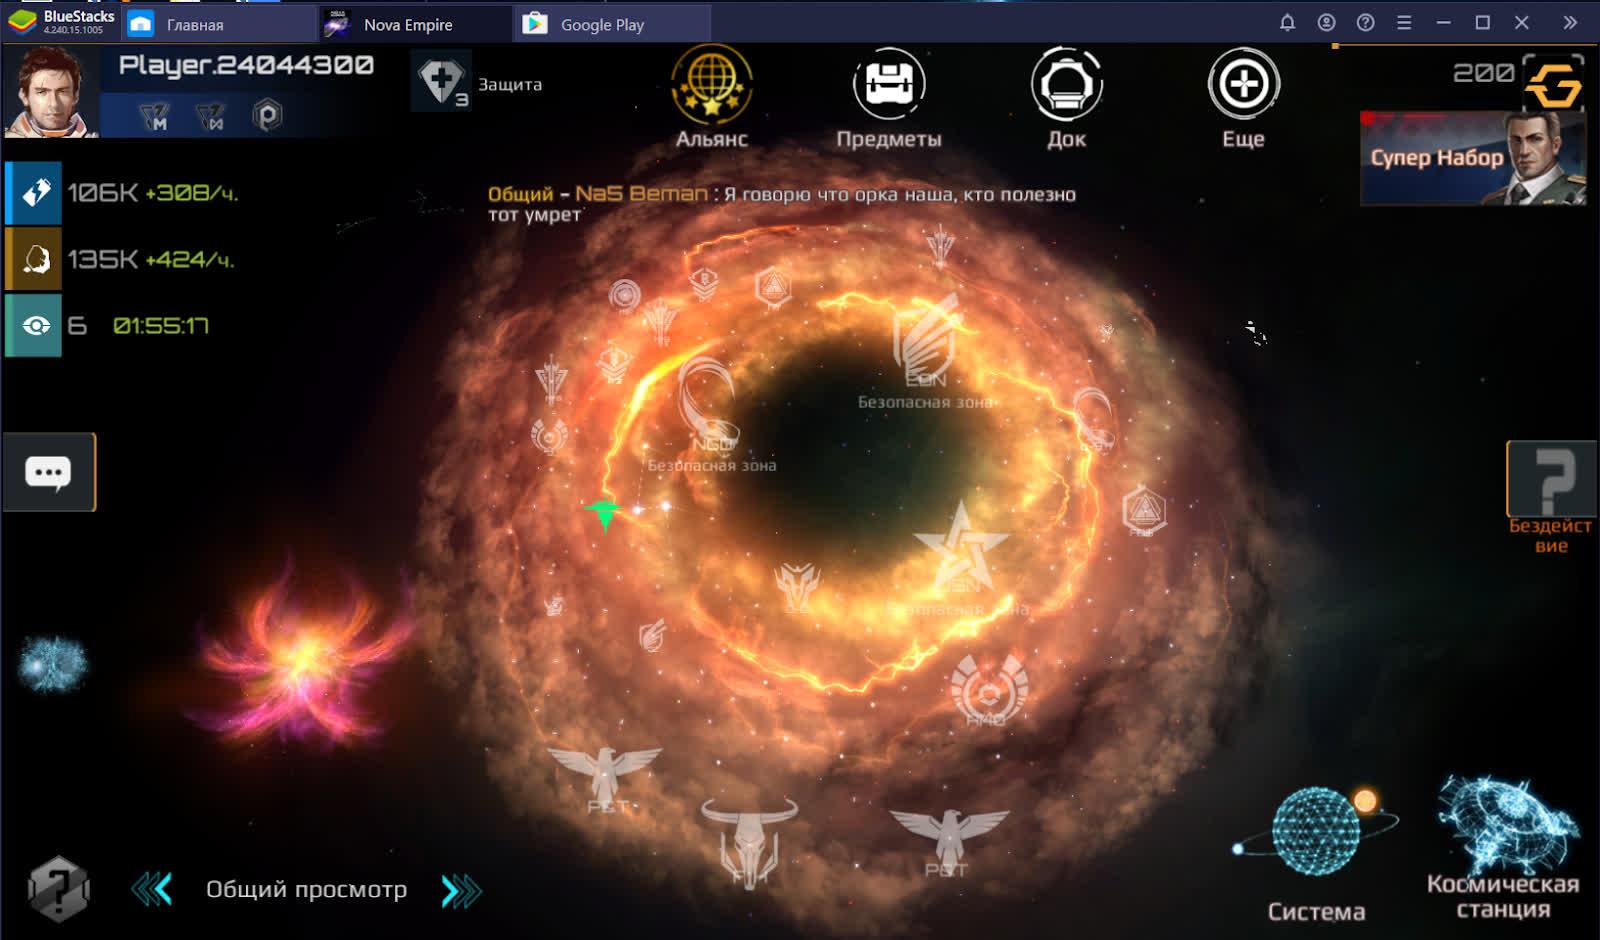 Гайд для новичков в Nova Empire. Советы по развитию станции, добыче ресурсов и освоению галактики